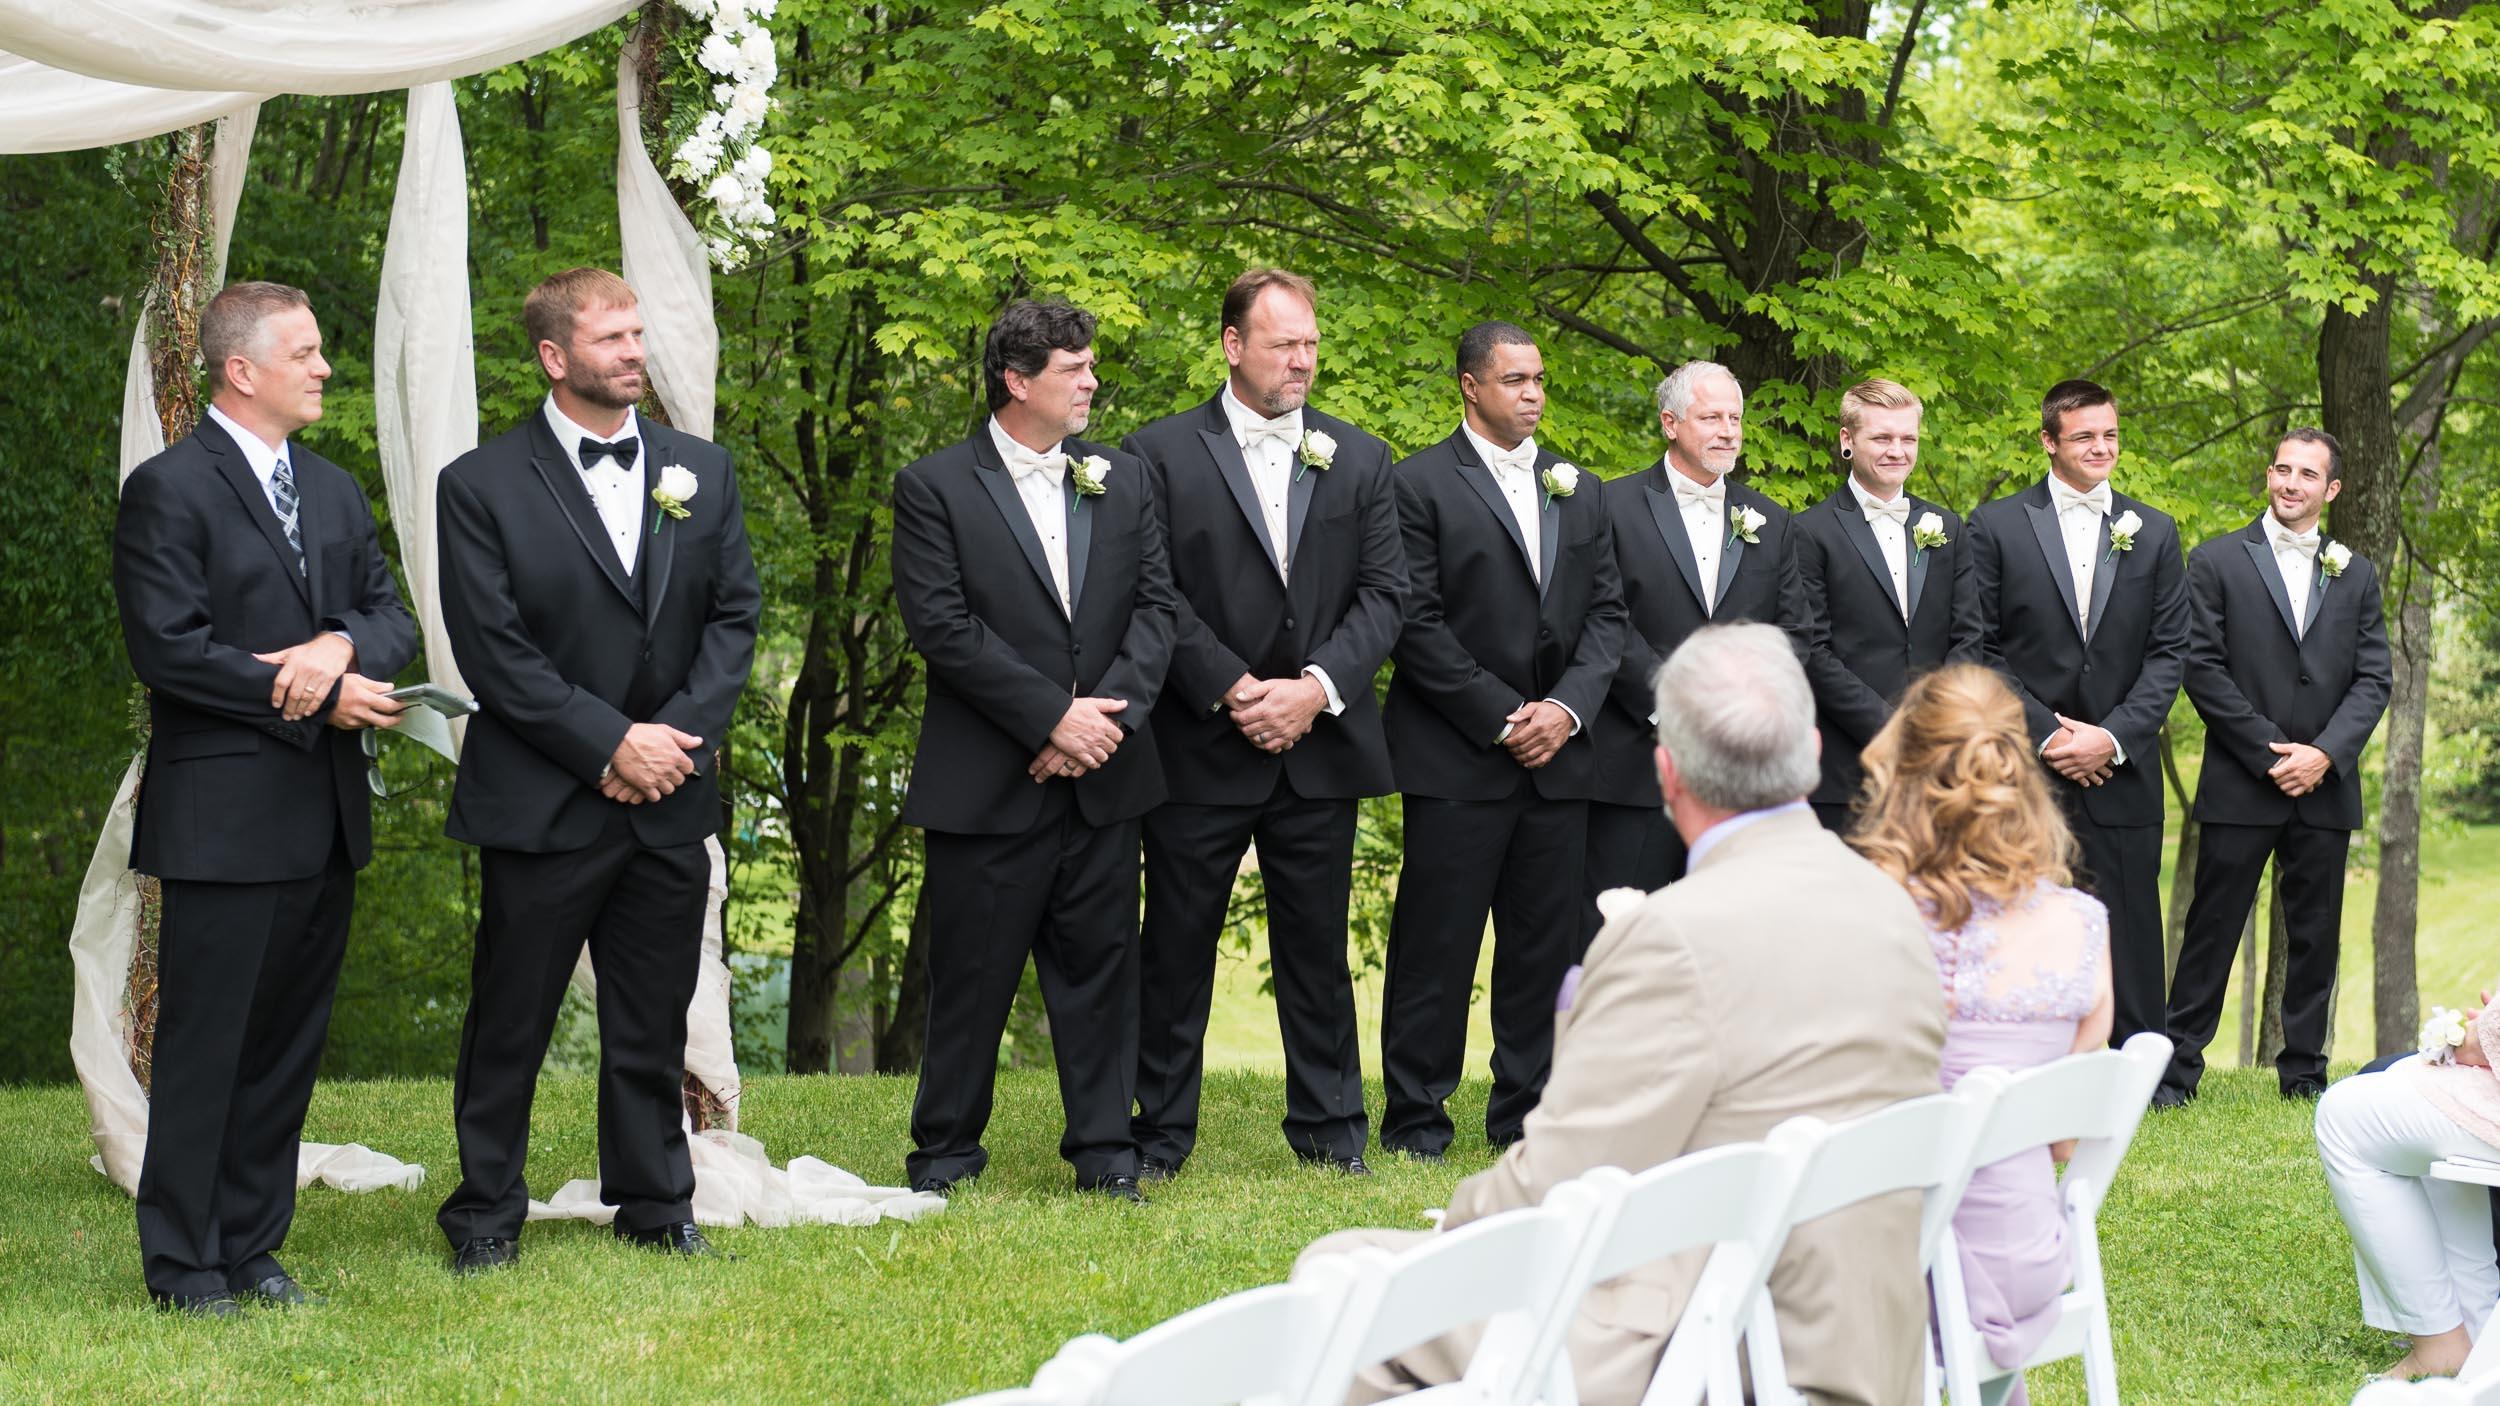 Wedding-outdoor-ceremony.jpg